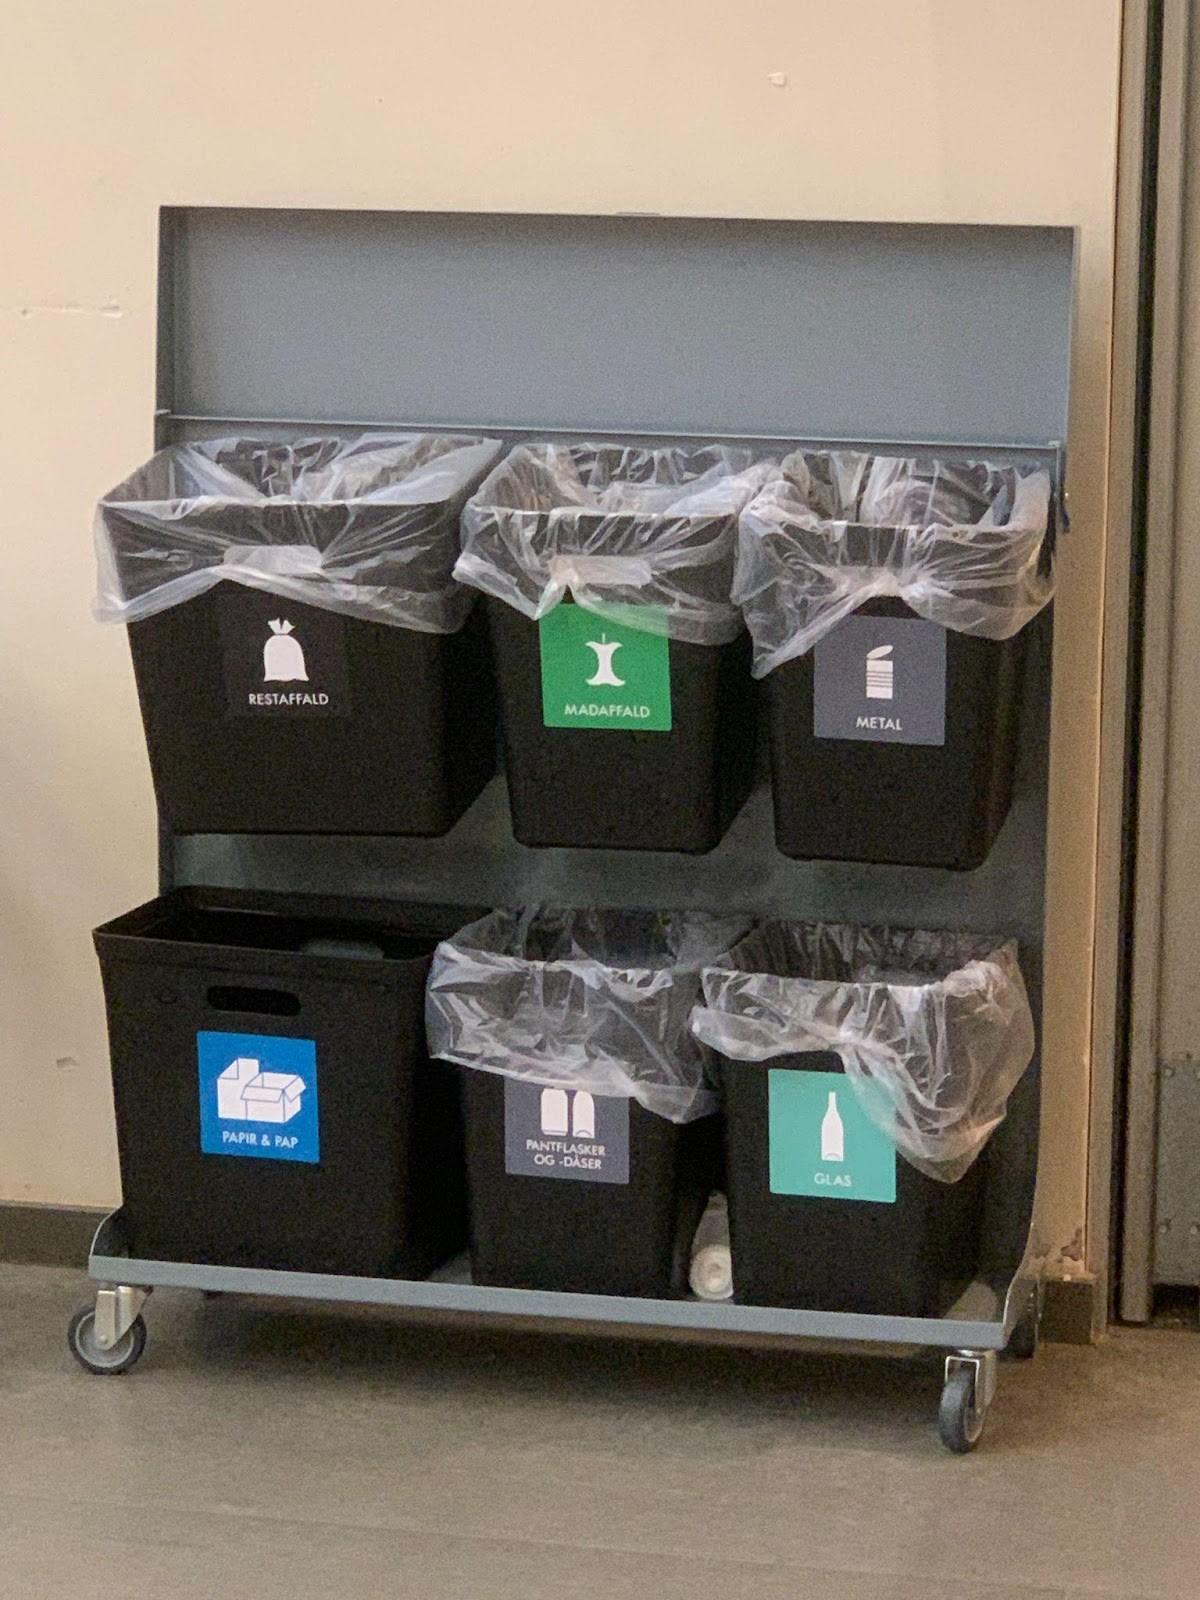 Affaldssorteringssystem med seks spande til forskellige typer affald